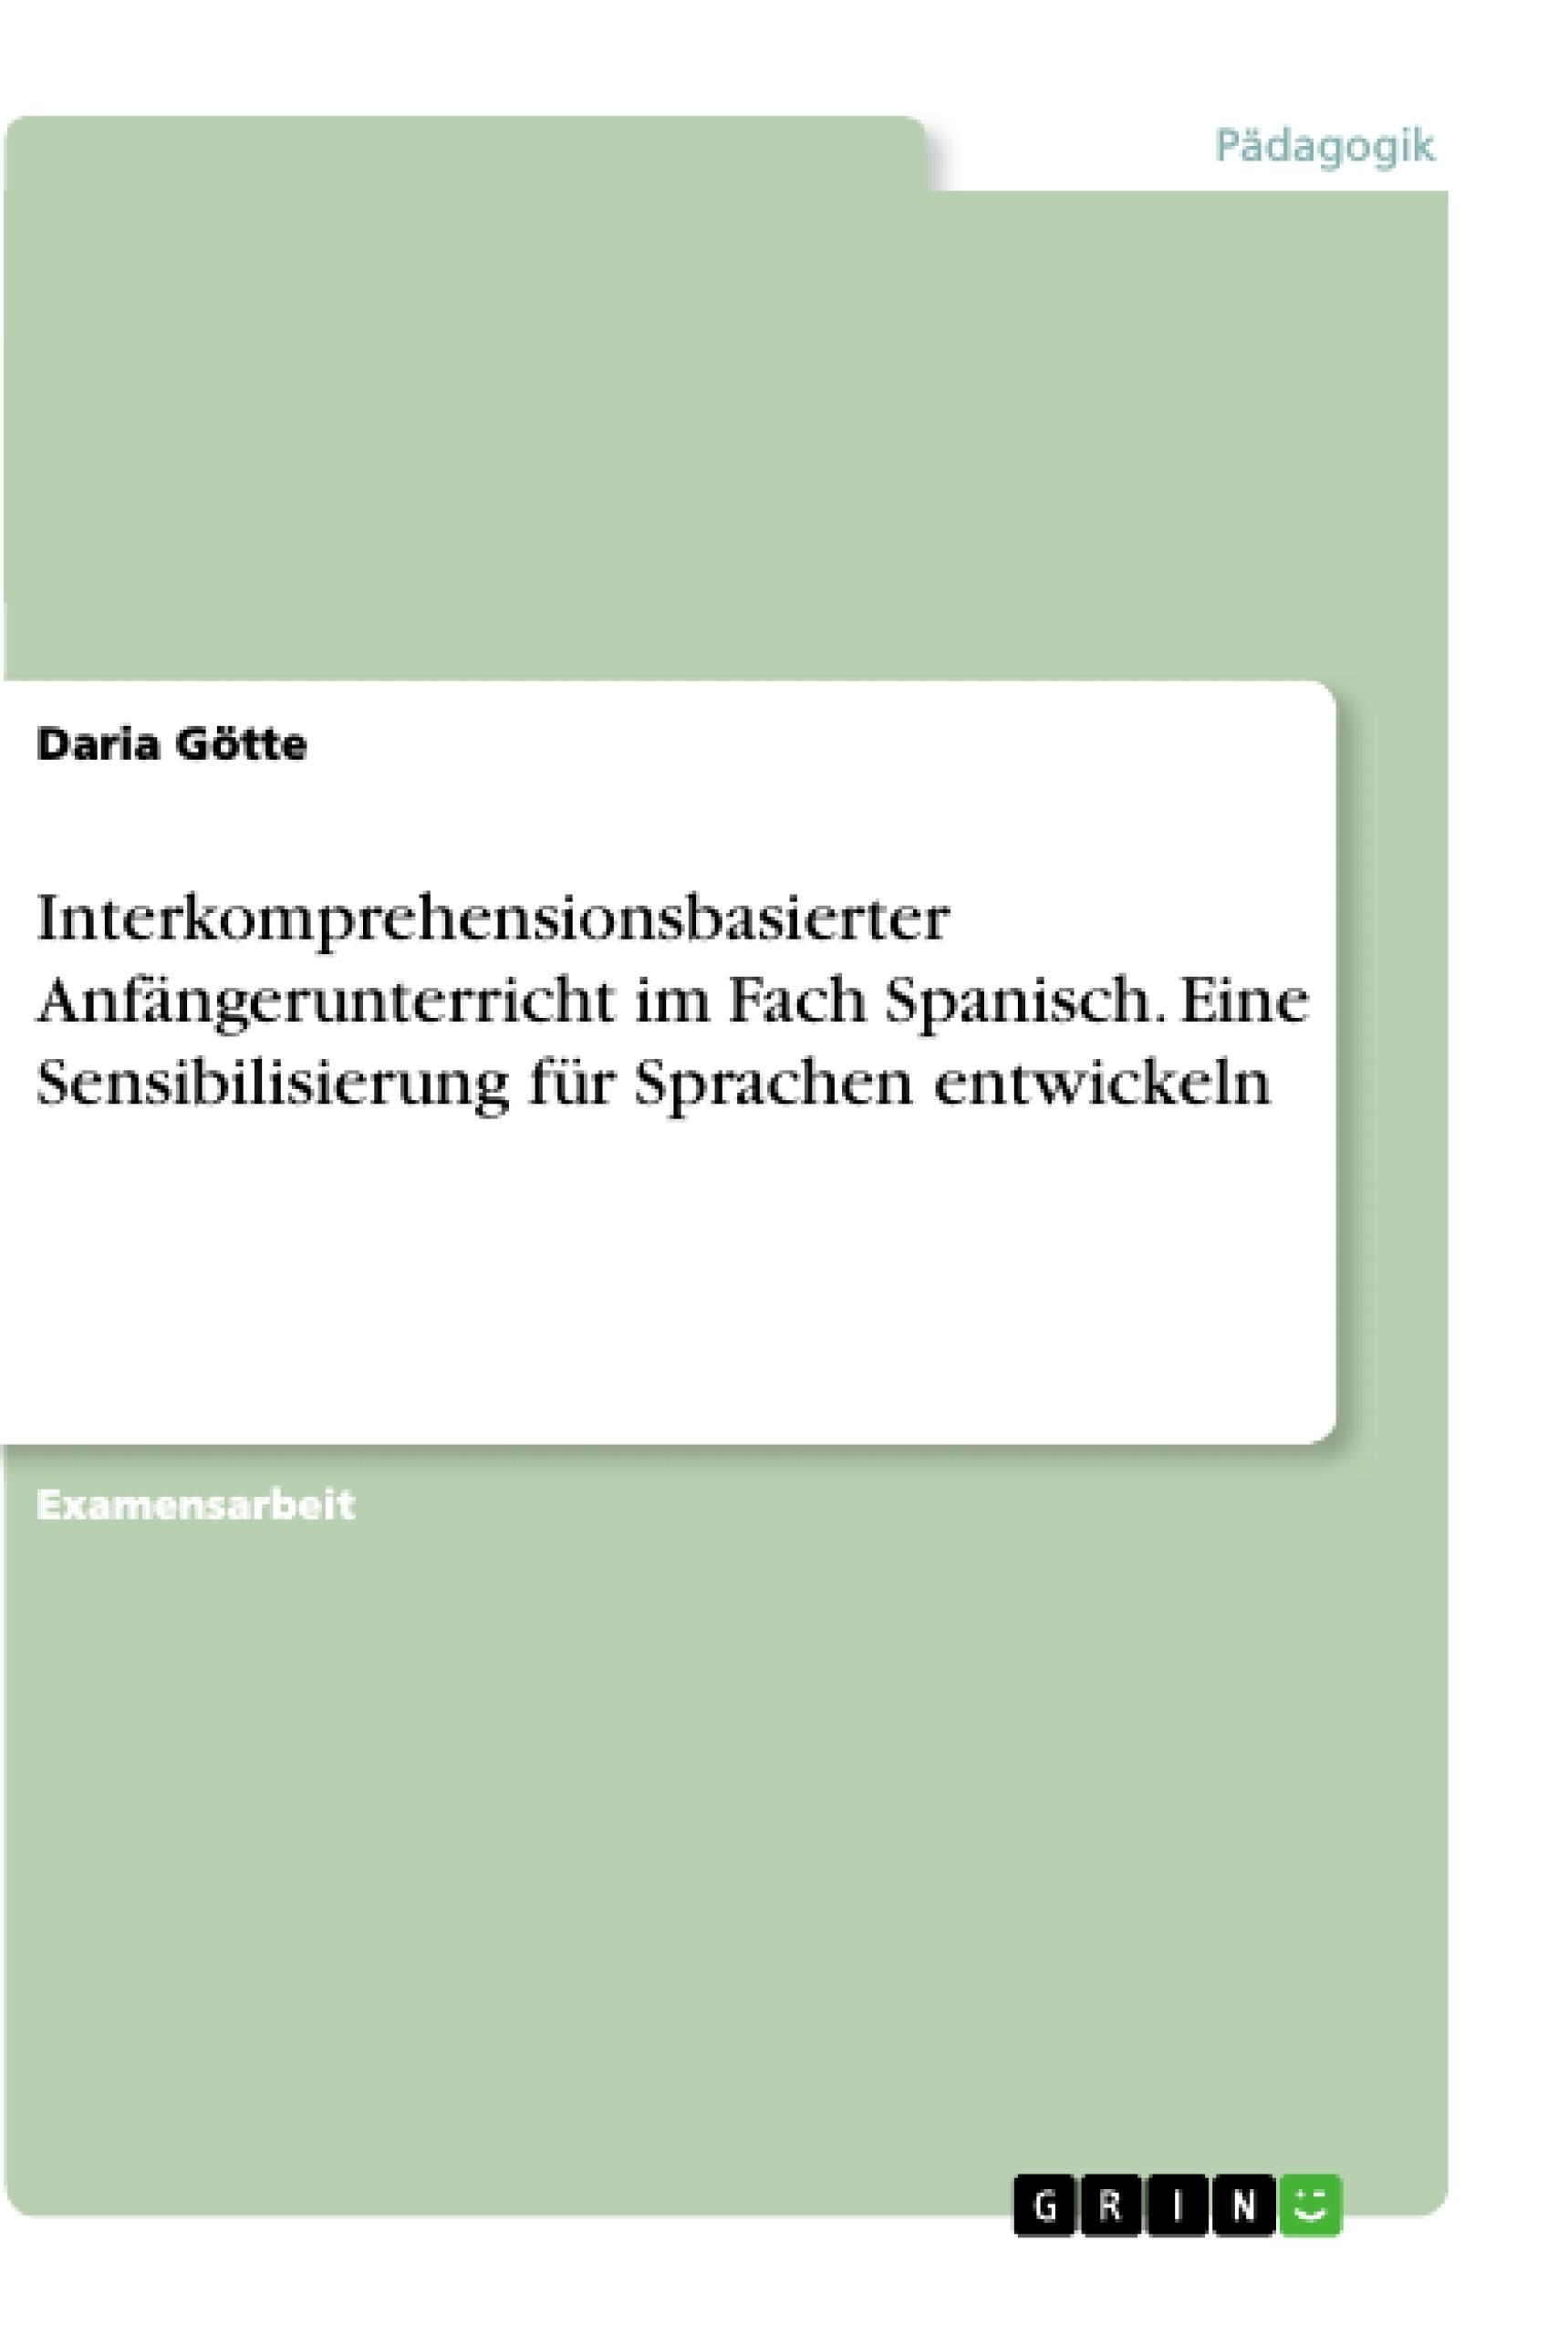 Titel: Interkomprehensionsbasierter Anfängerunterricht im Fach Spanisch. Eine Sensibilisierung für Sprachen entwickeln